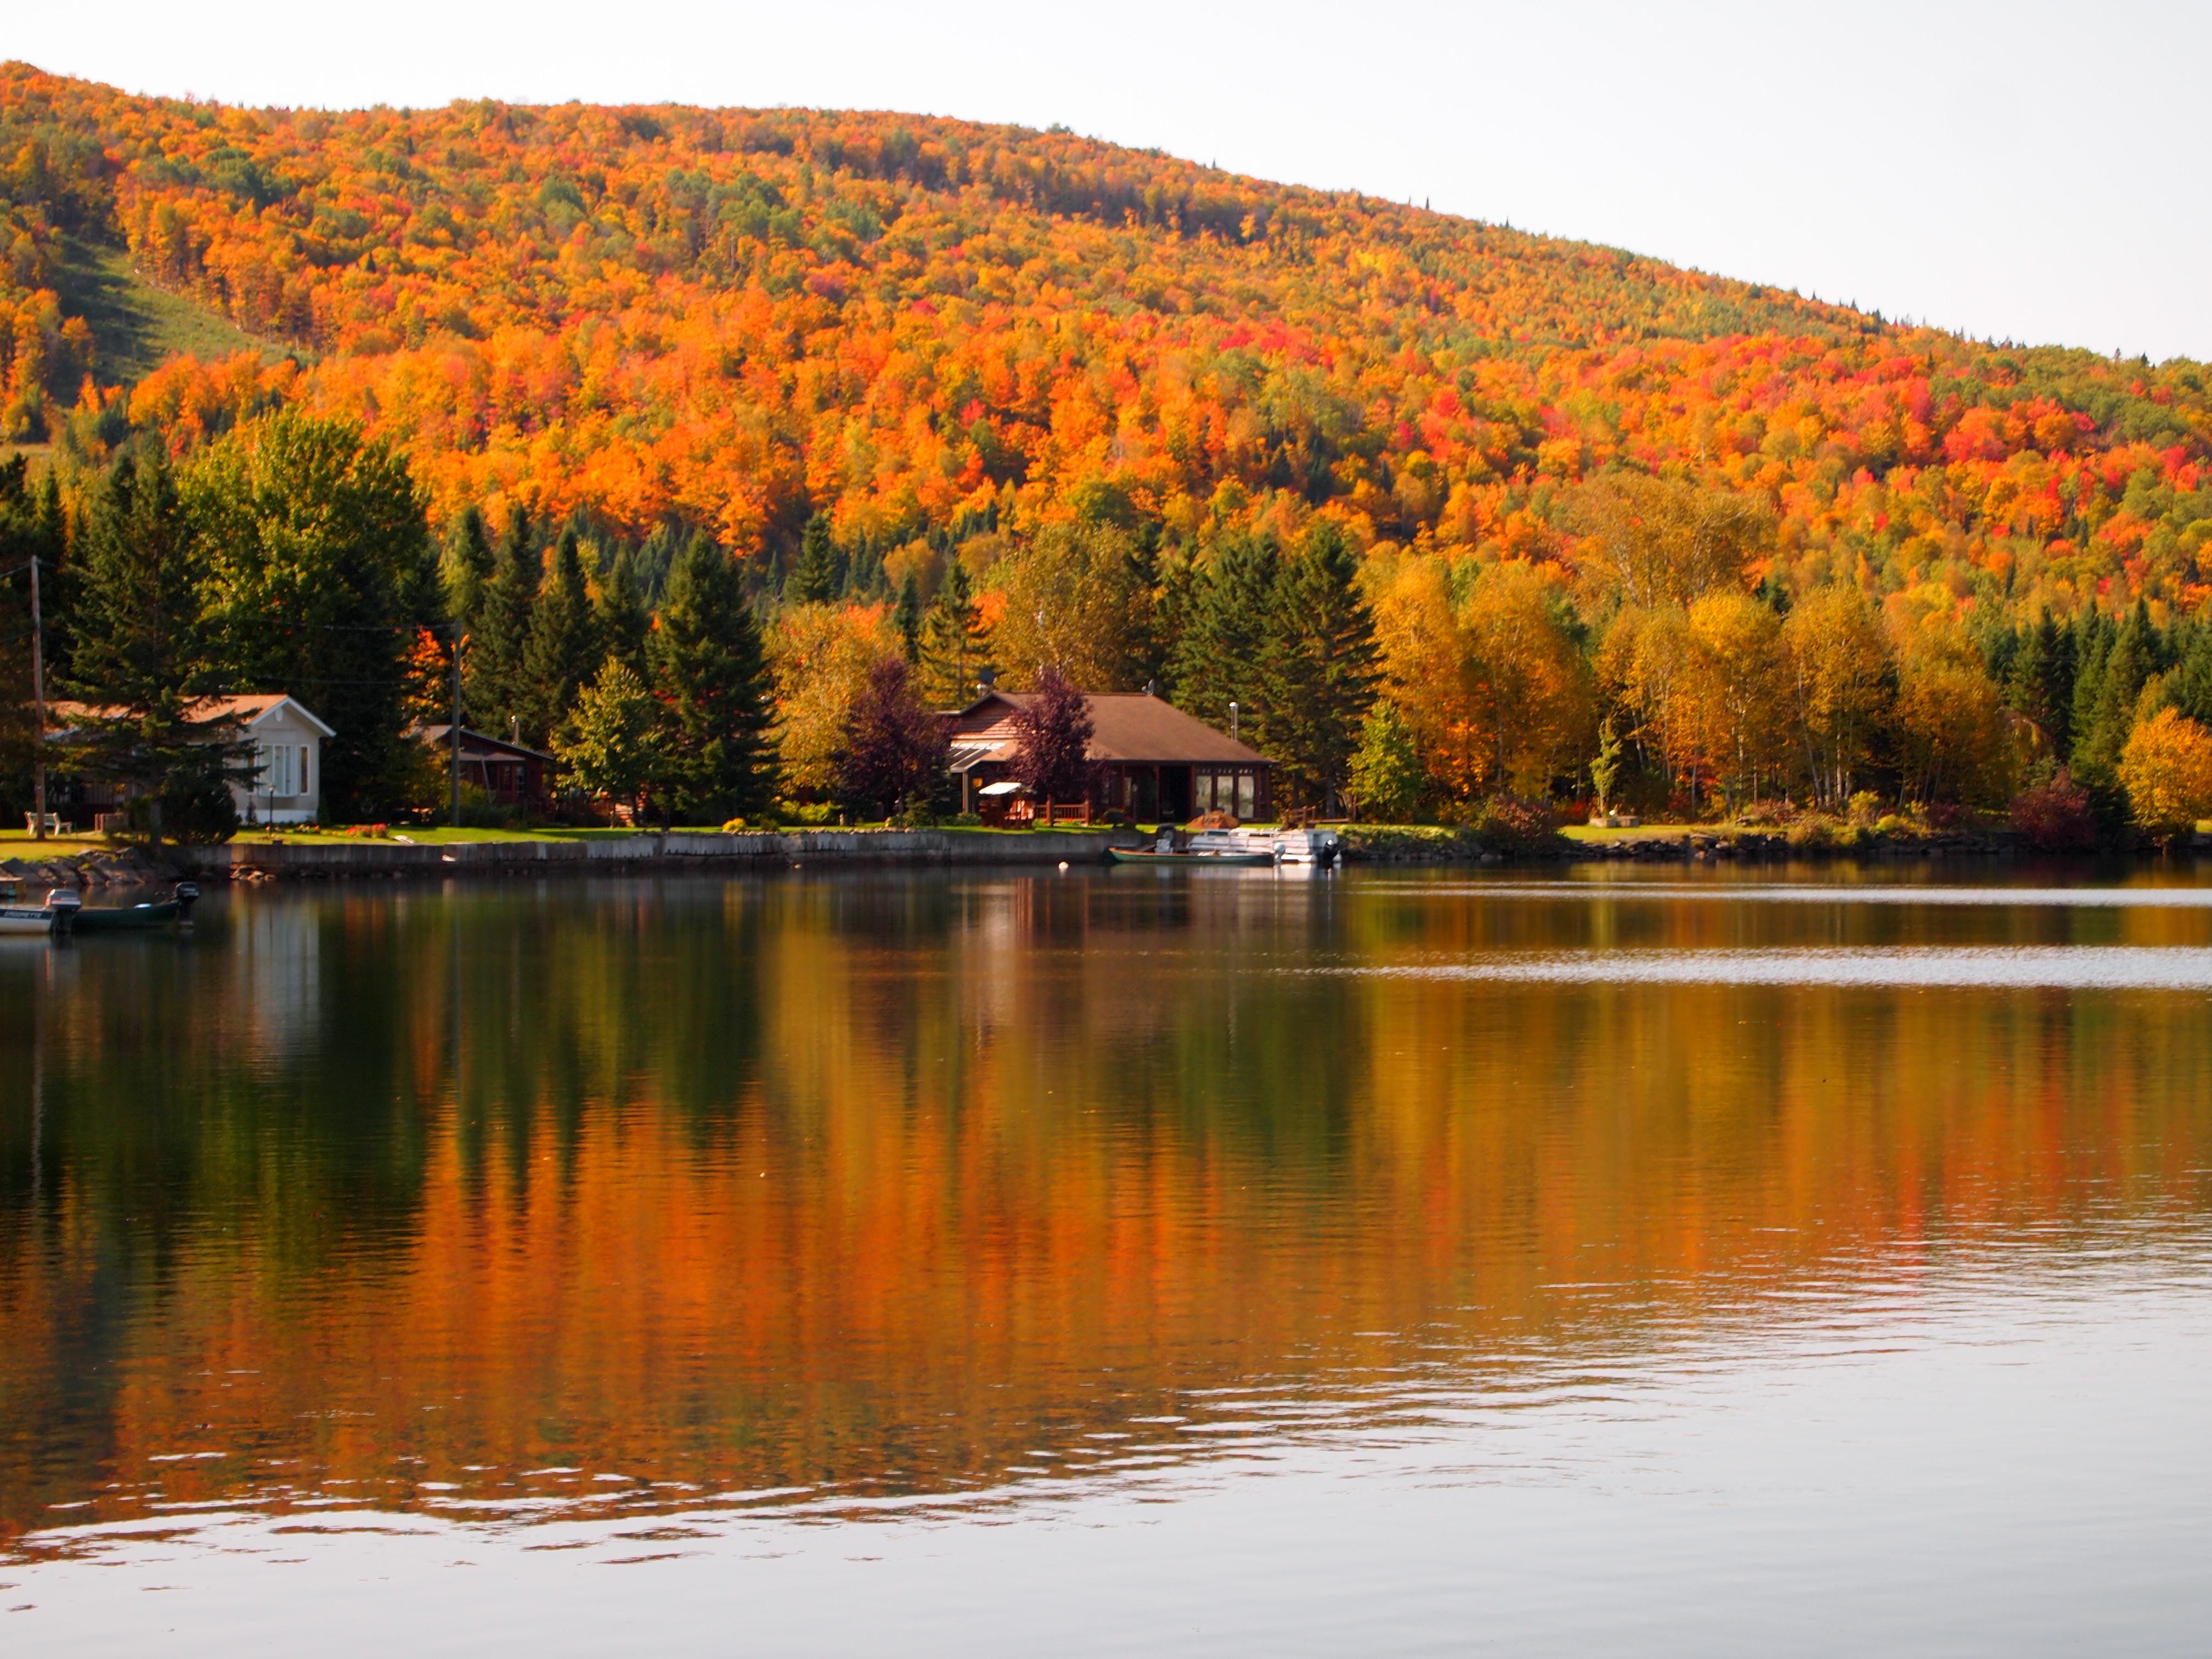 Paysages d 39 automne paysages - Photo d automne gratuite ...